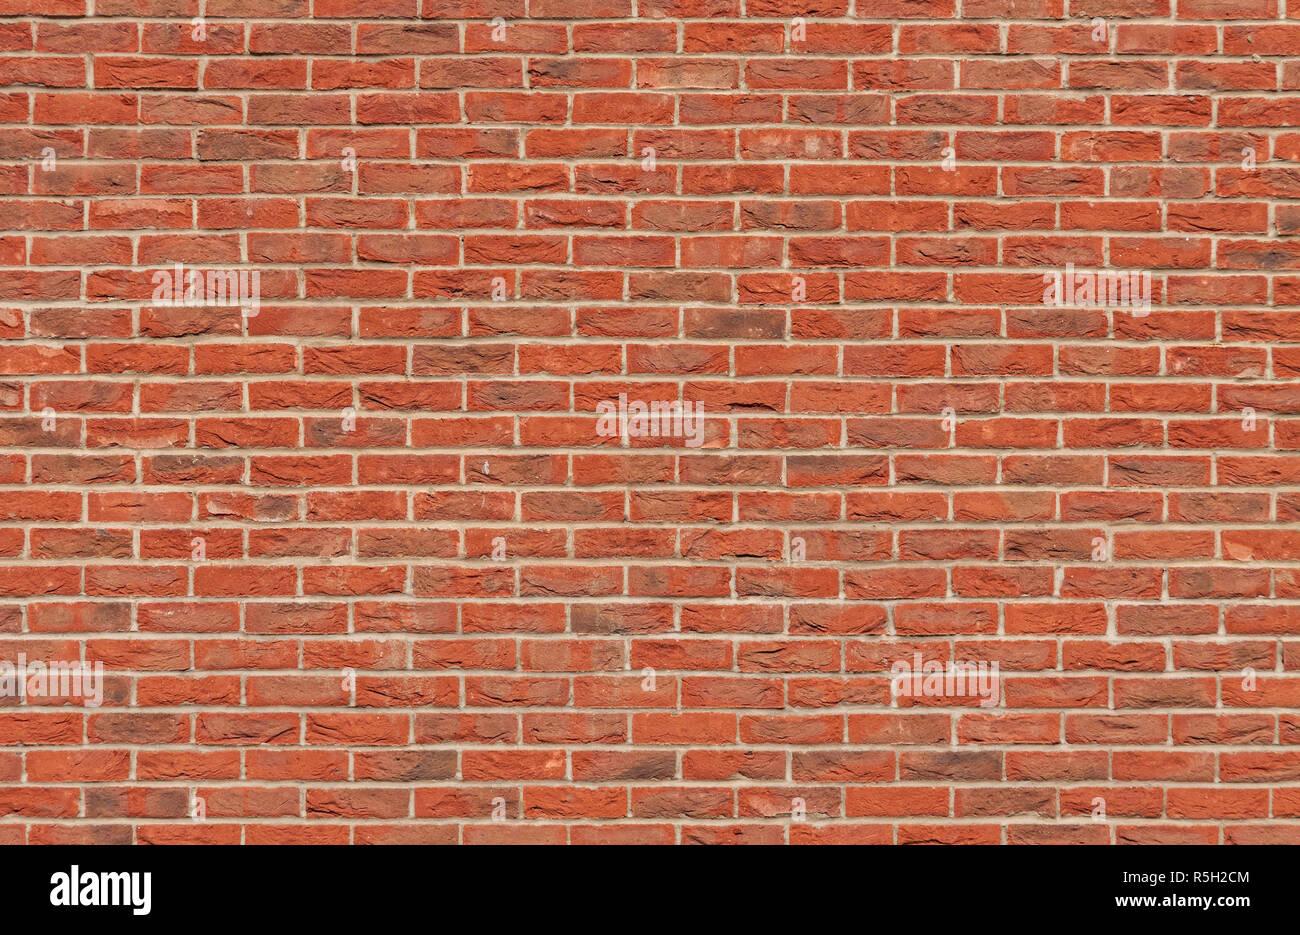 Mur En Brique Rouge la texture mur de briques avec brique rouge banque d'images